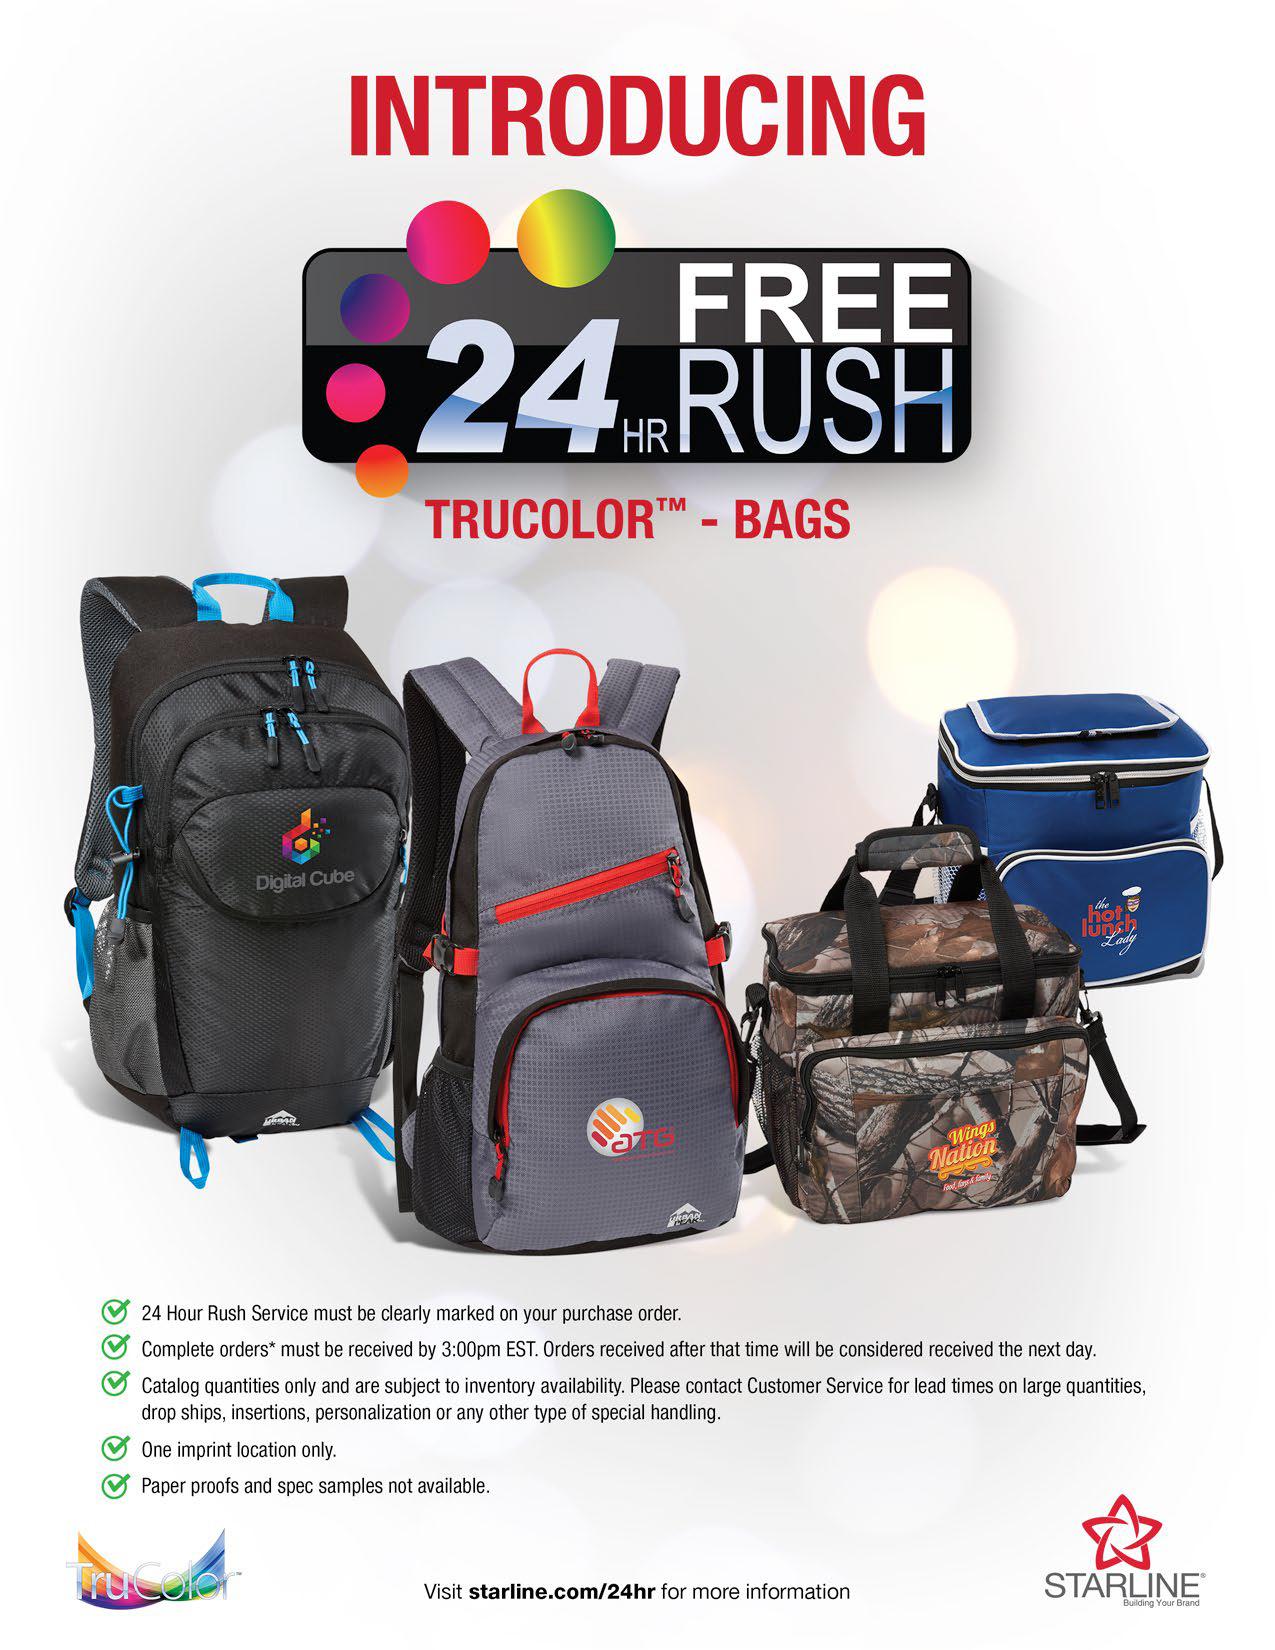 24 Hour Free Rush